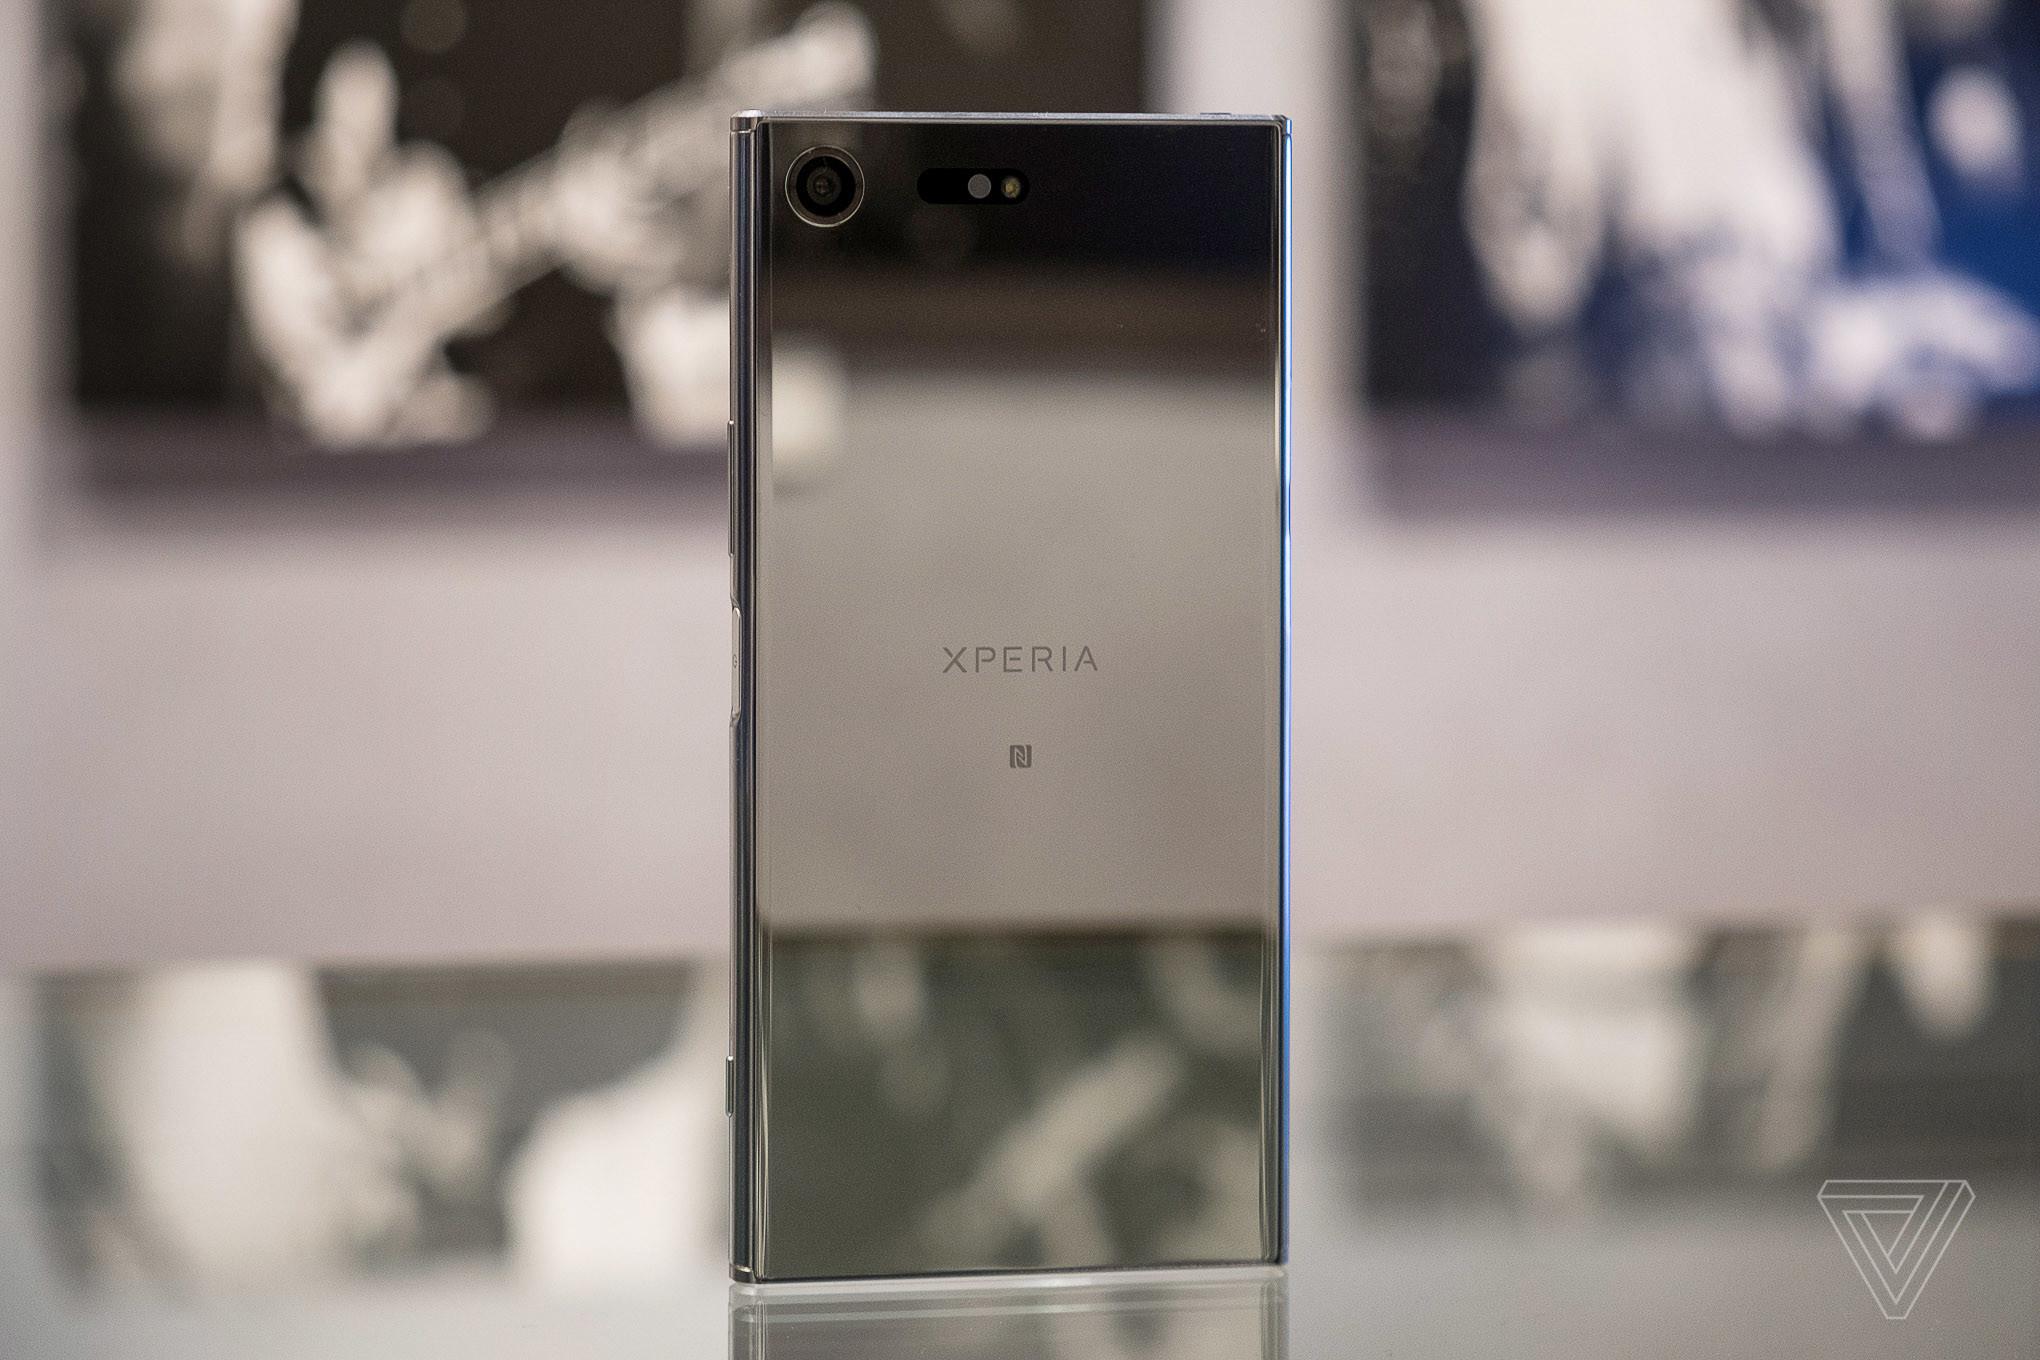 是首發Snapdragon 835,Sony XPeria XZ Premium登場MWC:4GB RAM、4K屏、還有最新影像防震技術!這篇文章的首圖